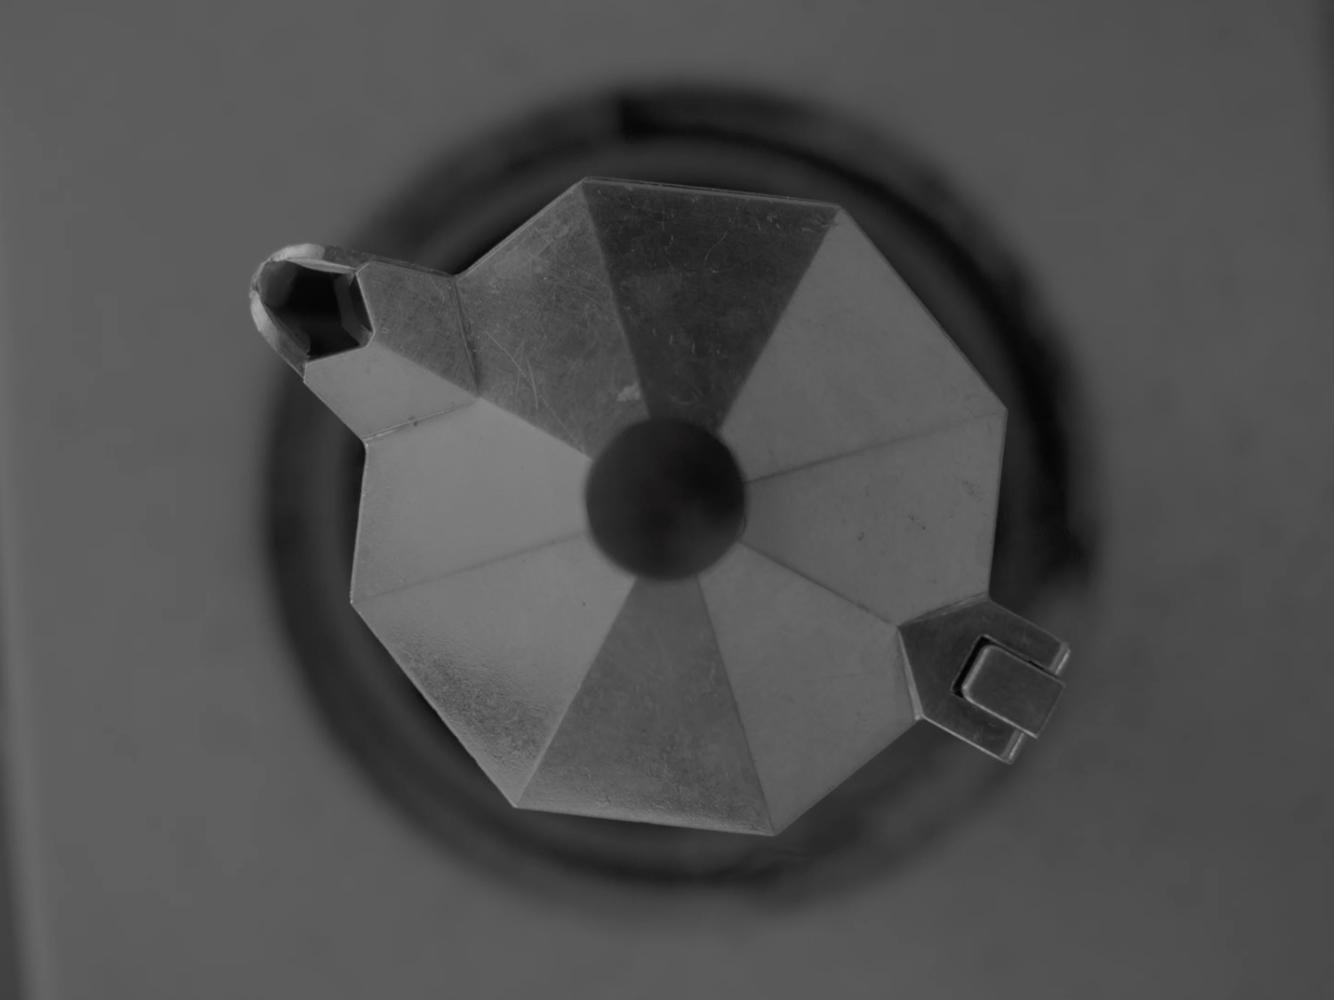 fan-122